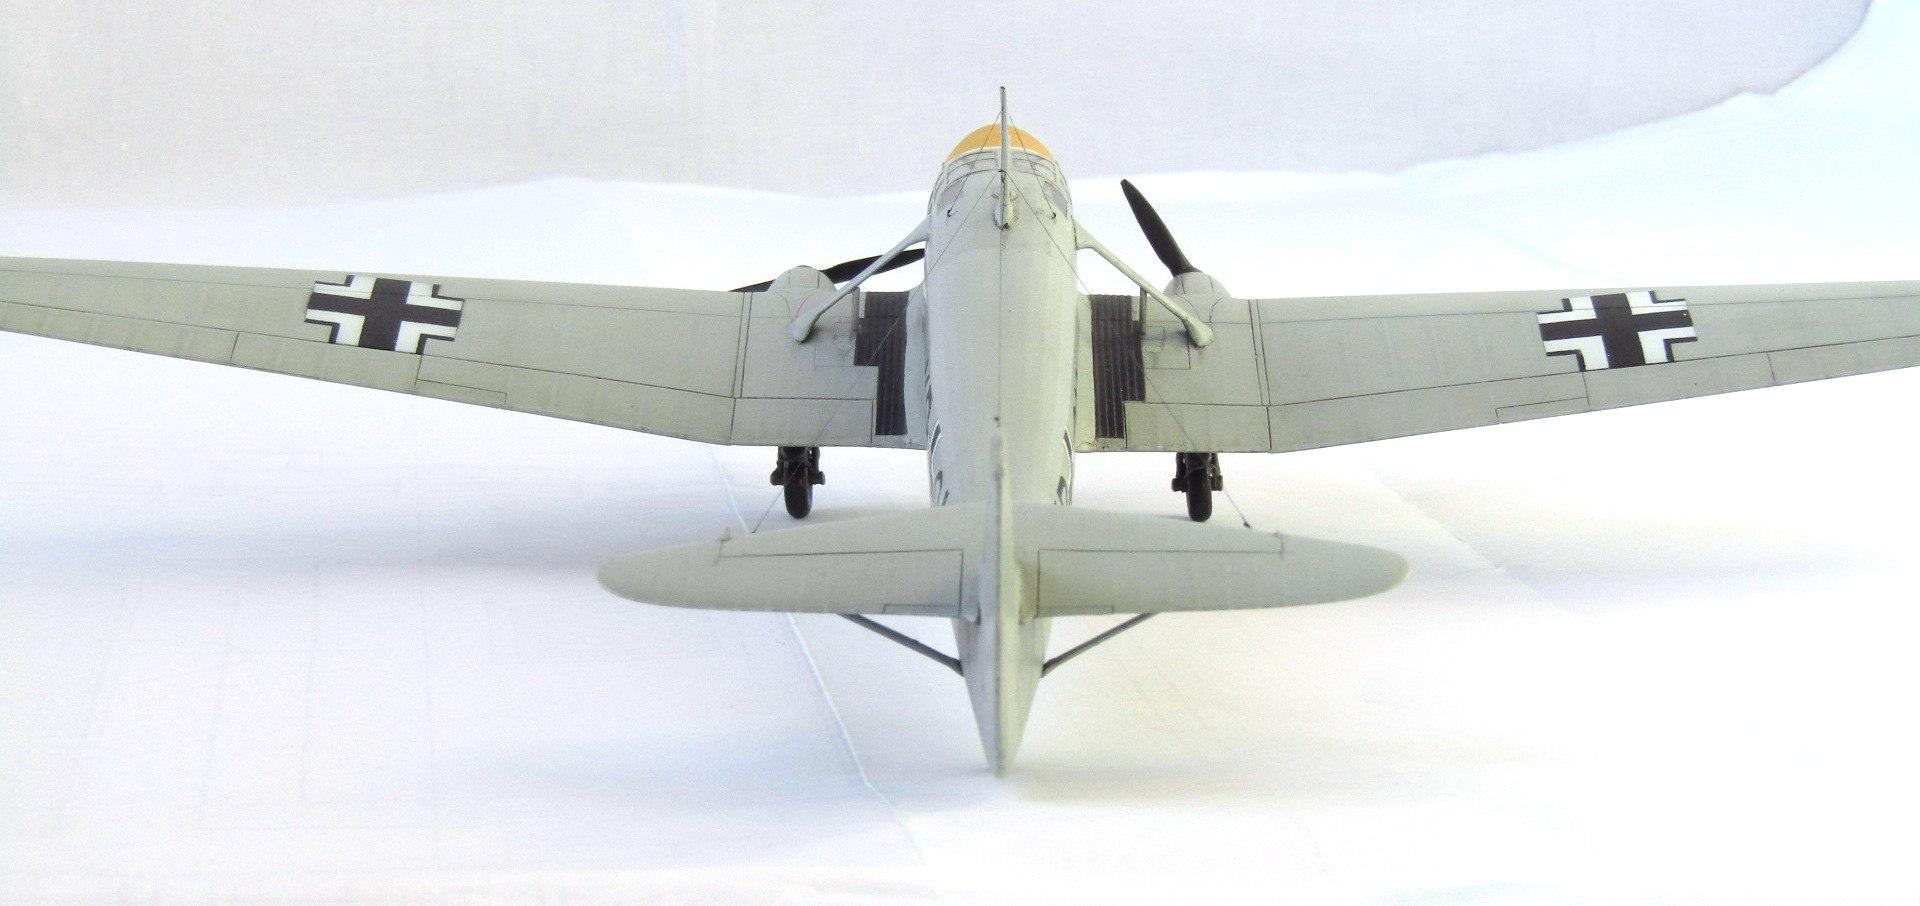 FW - 58C weihe 1/72 (Special Hobby) St-1RXc8M6U